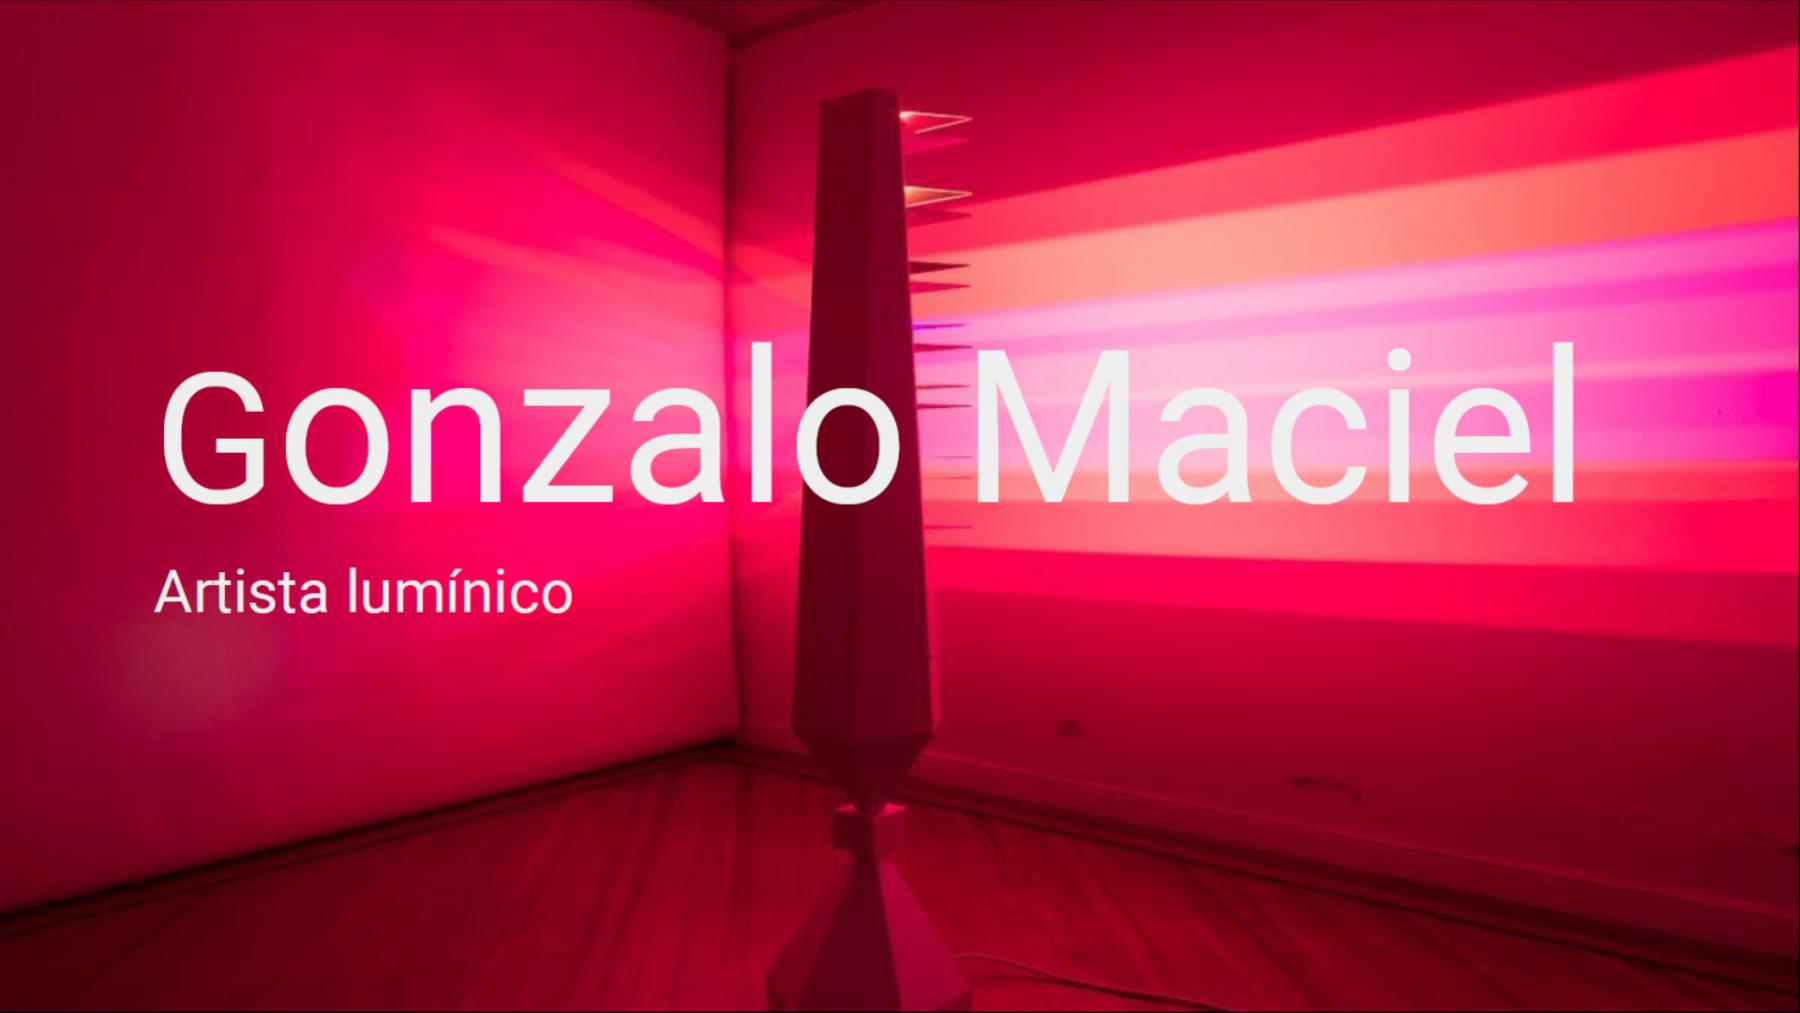 Gonzalo Maciel